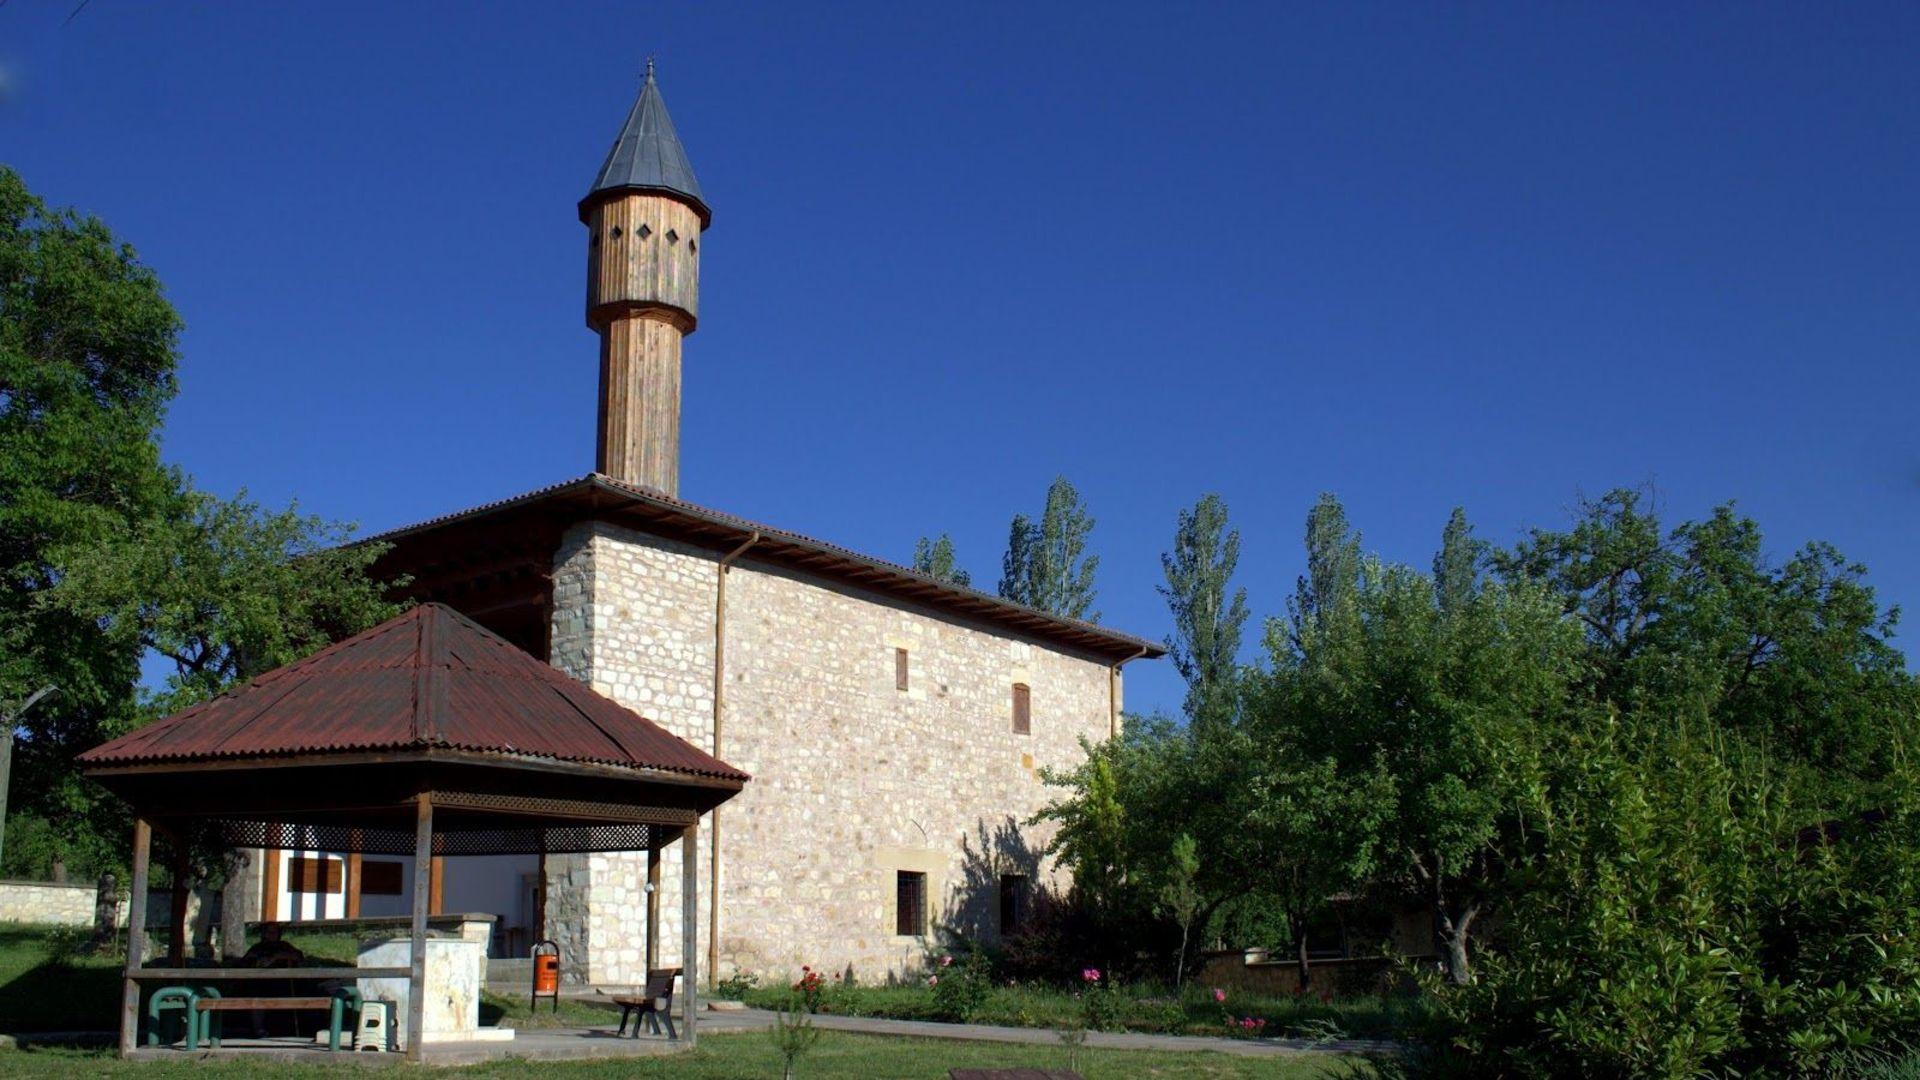 Kültürel ve doğal miraslarımız XXXI (Mahmutbey Camii)